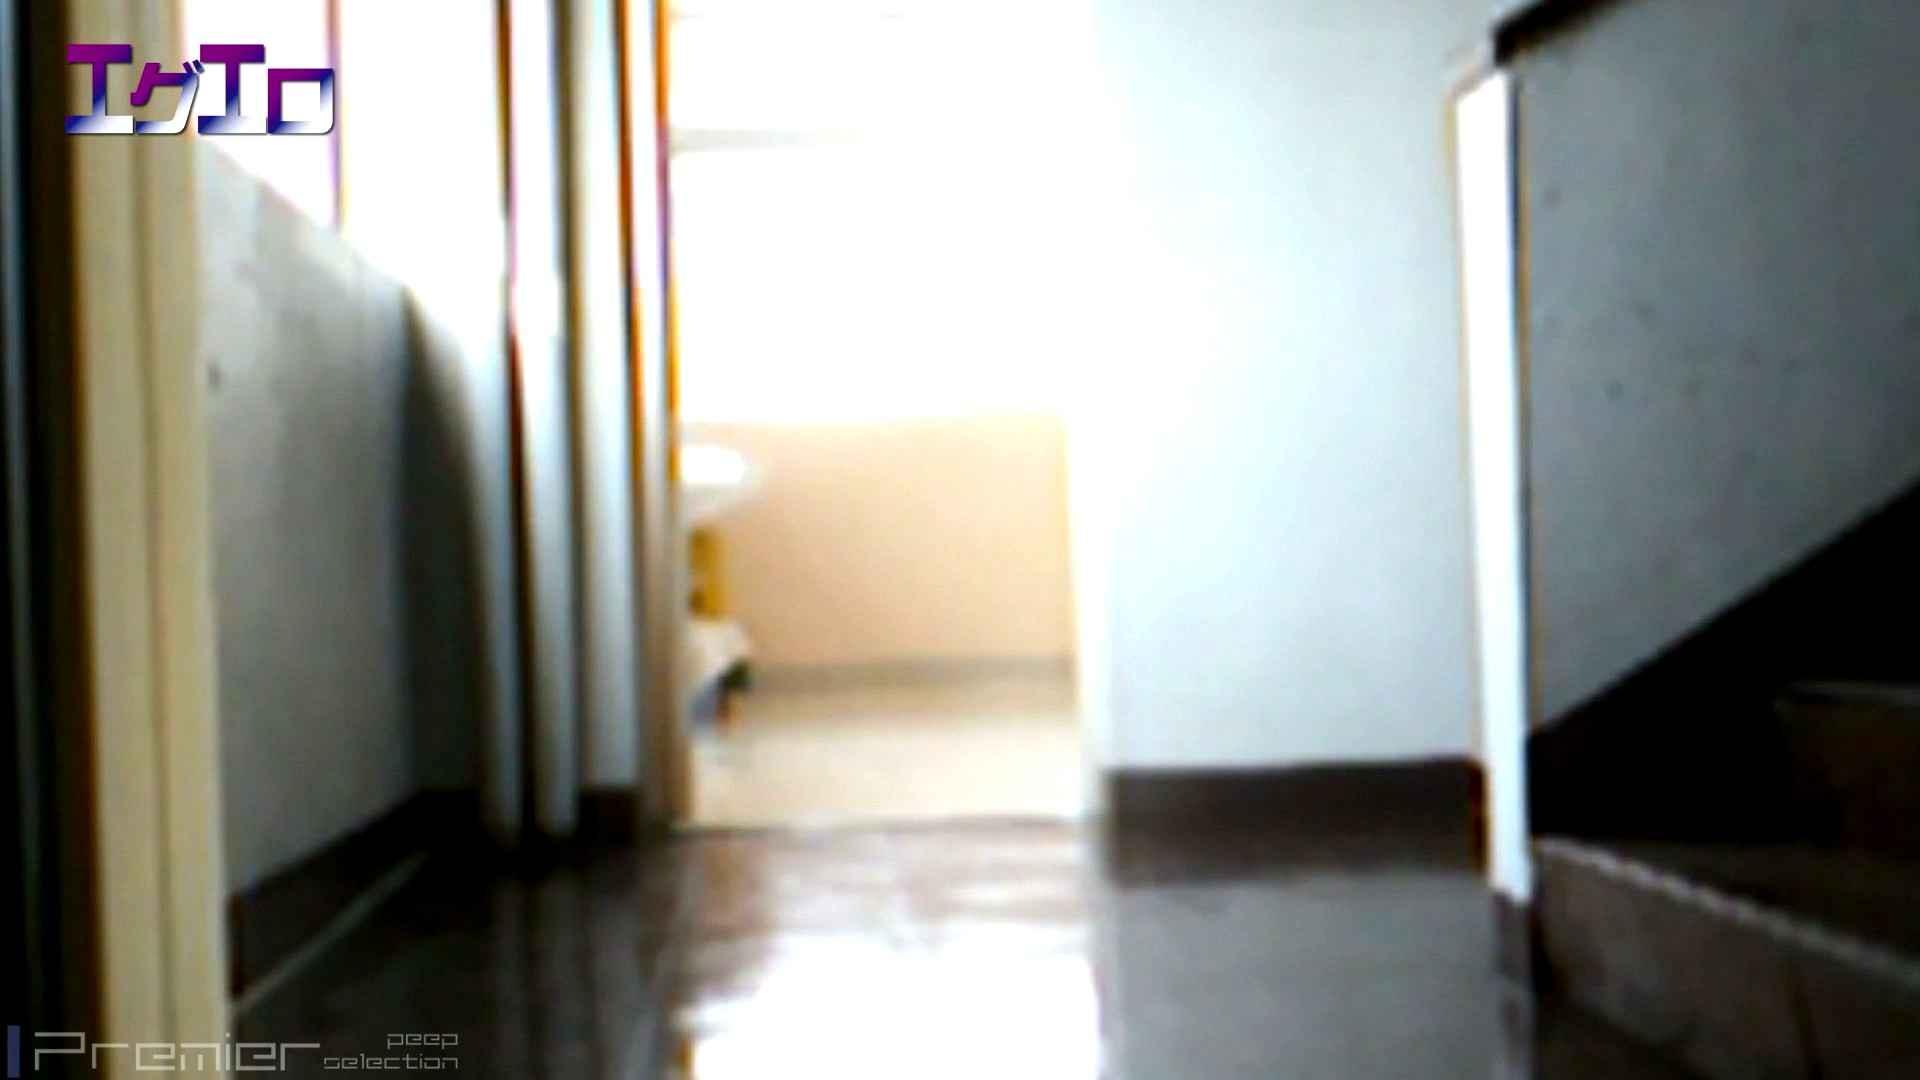 至近距離洗面所 Vol.10ブルージーンズギャルの大放nyo ギャルハメ撮り  20Pix 19